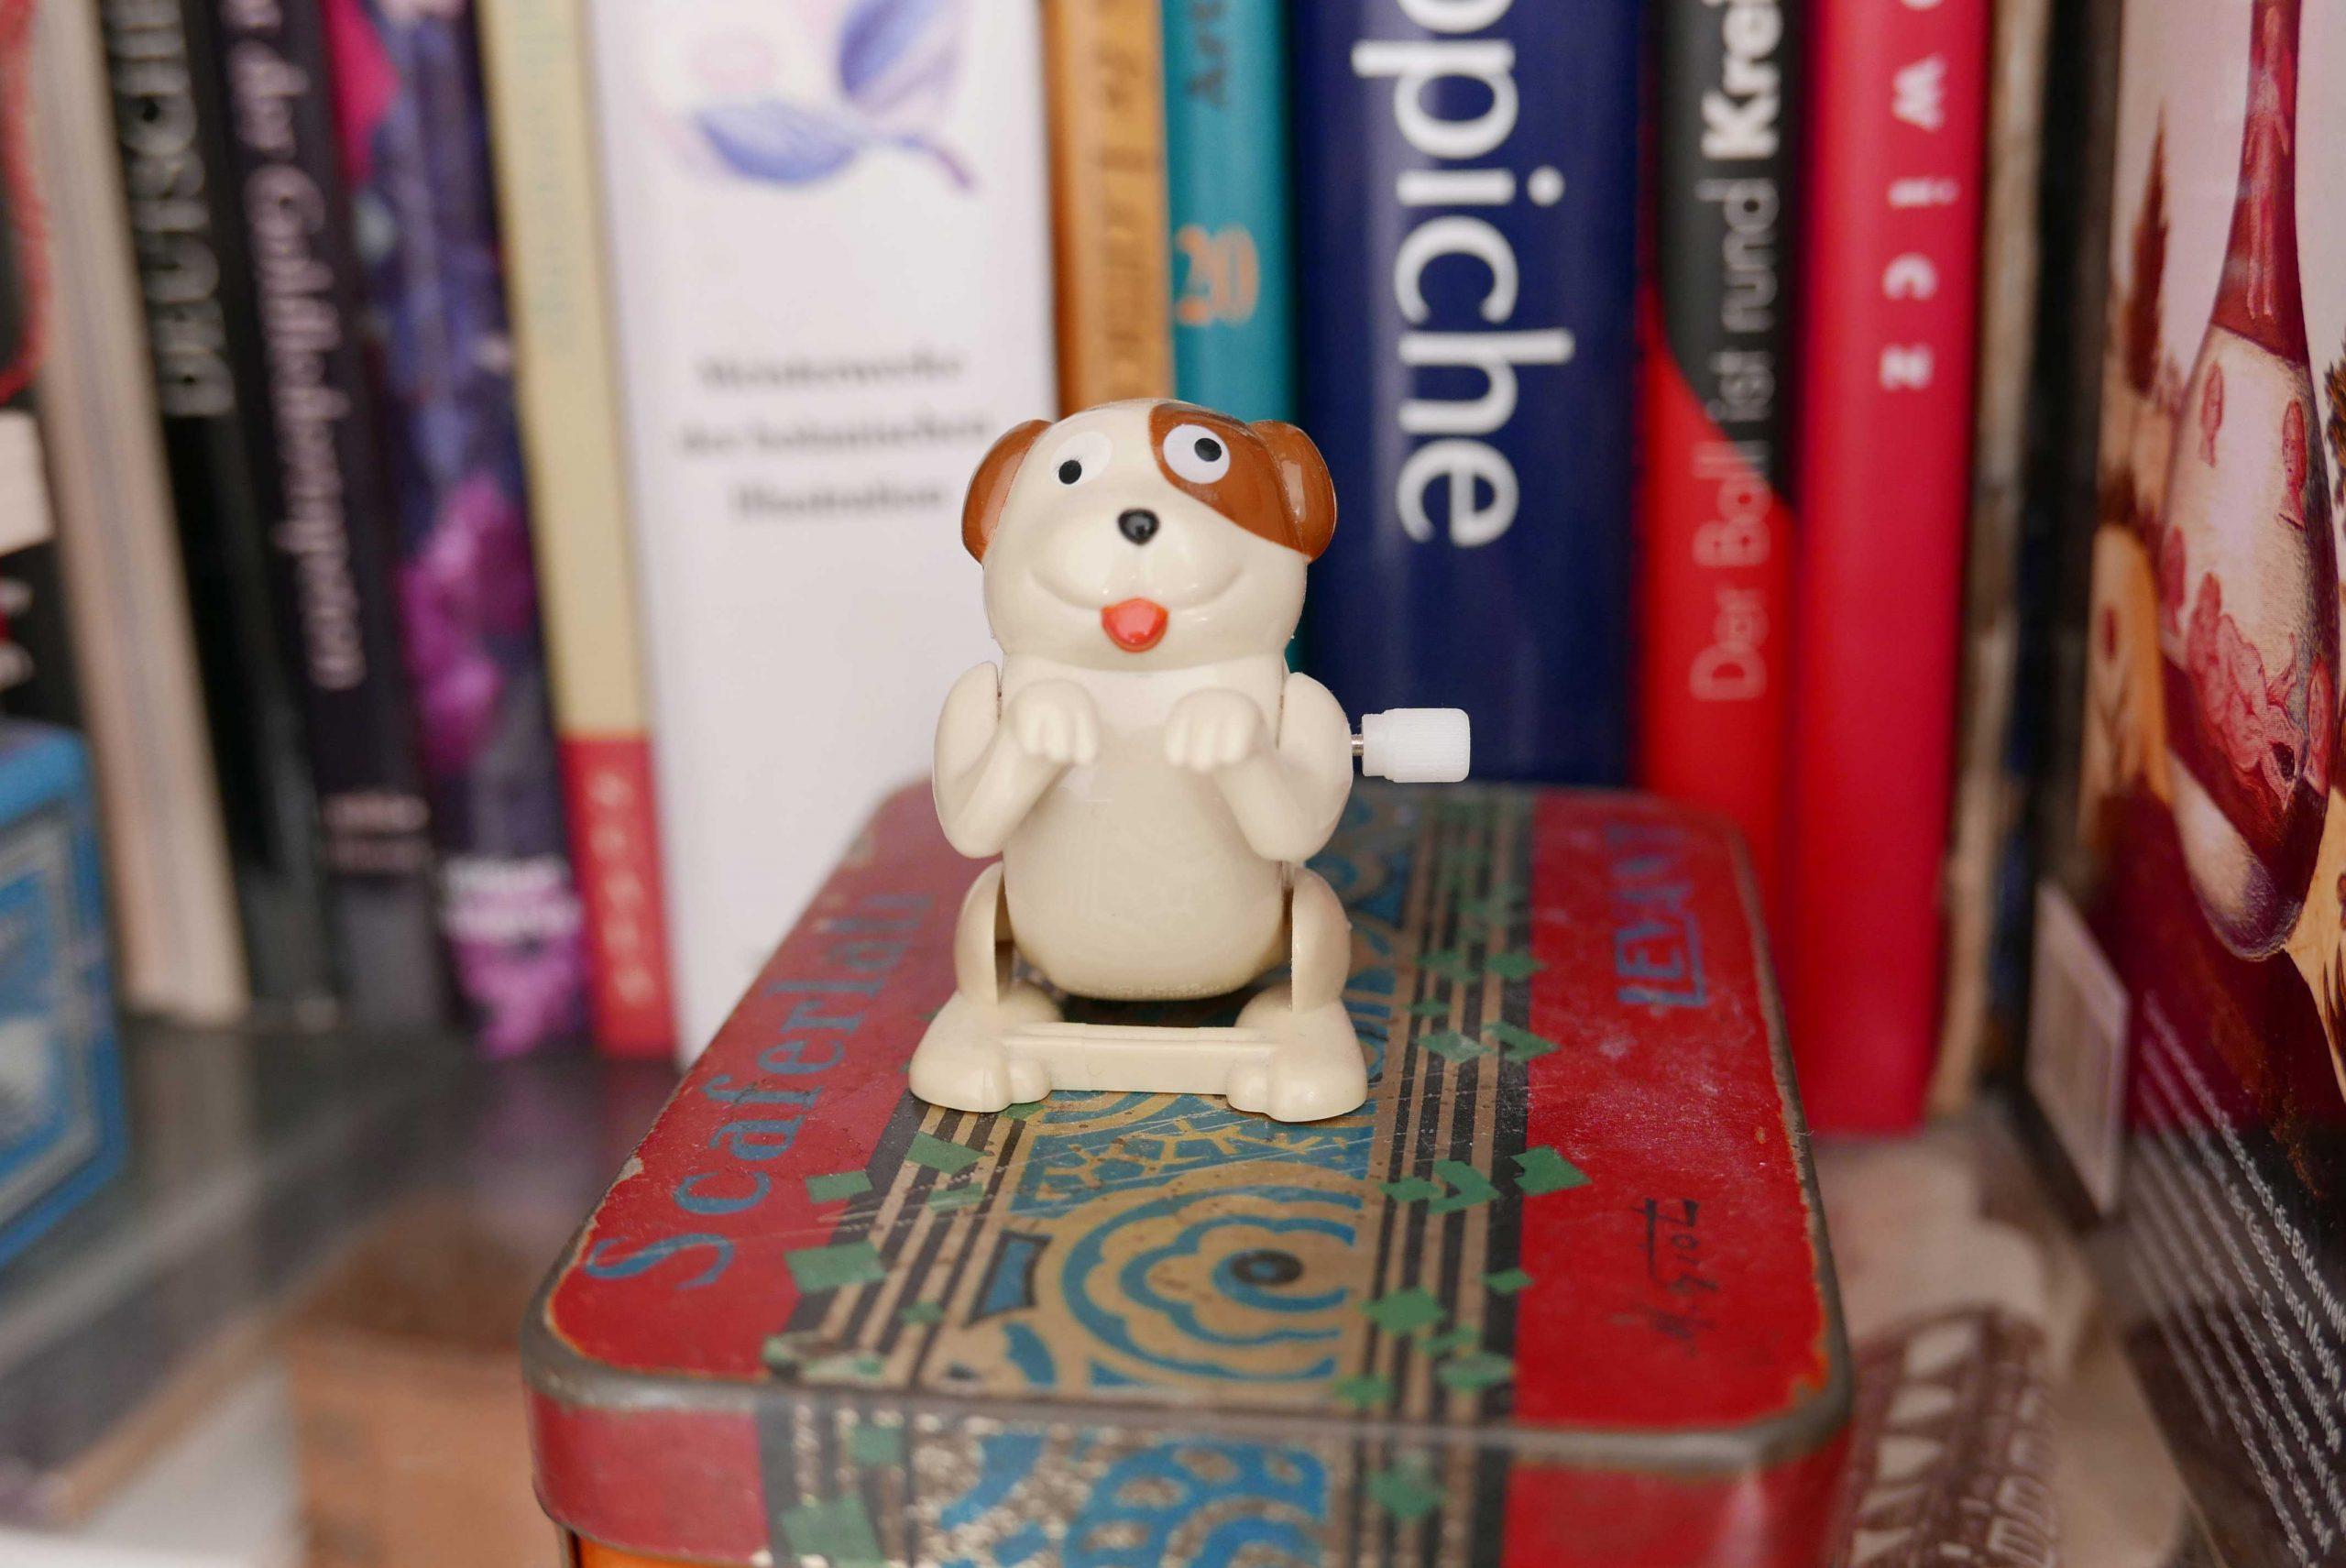 Plastikhund zum Aufziehen im Bücherregal